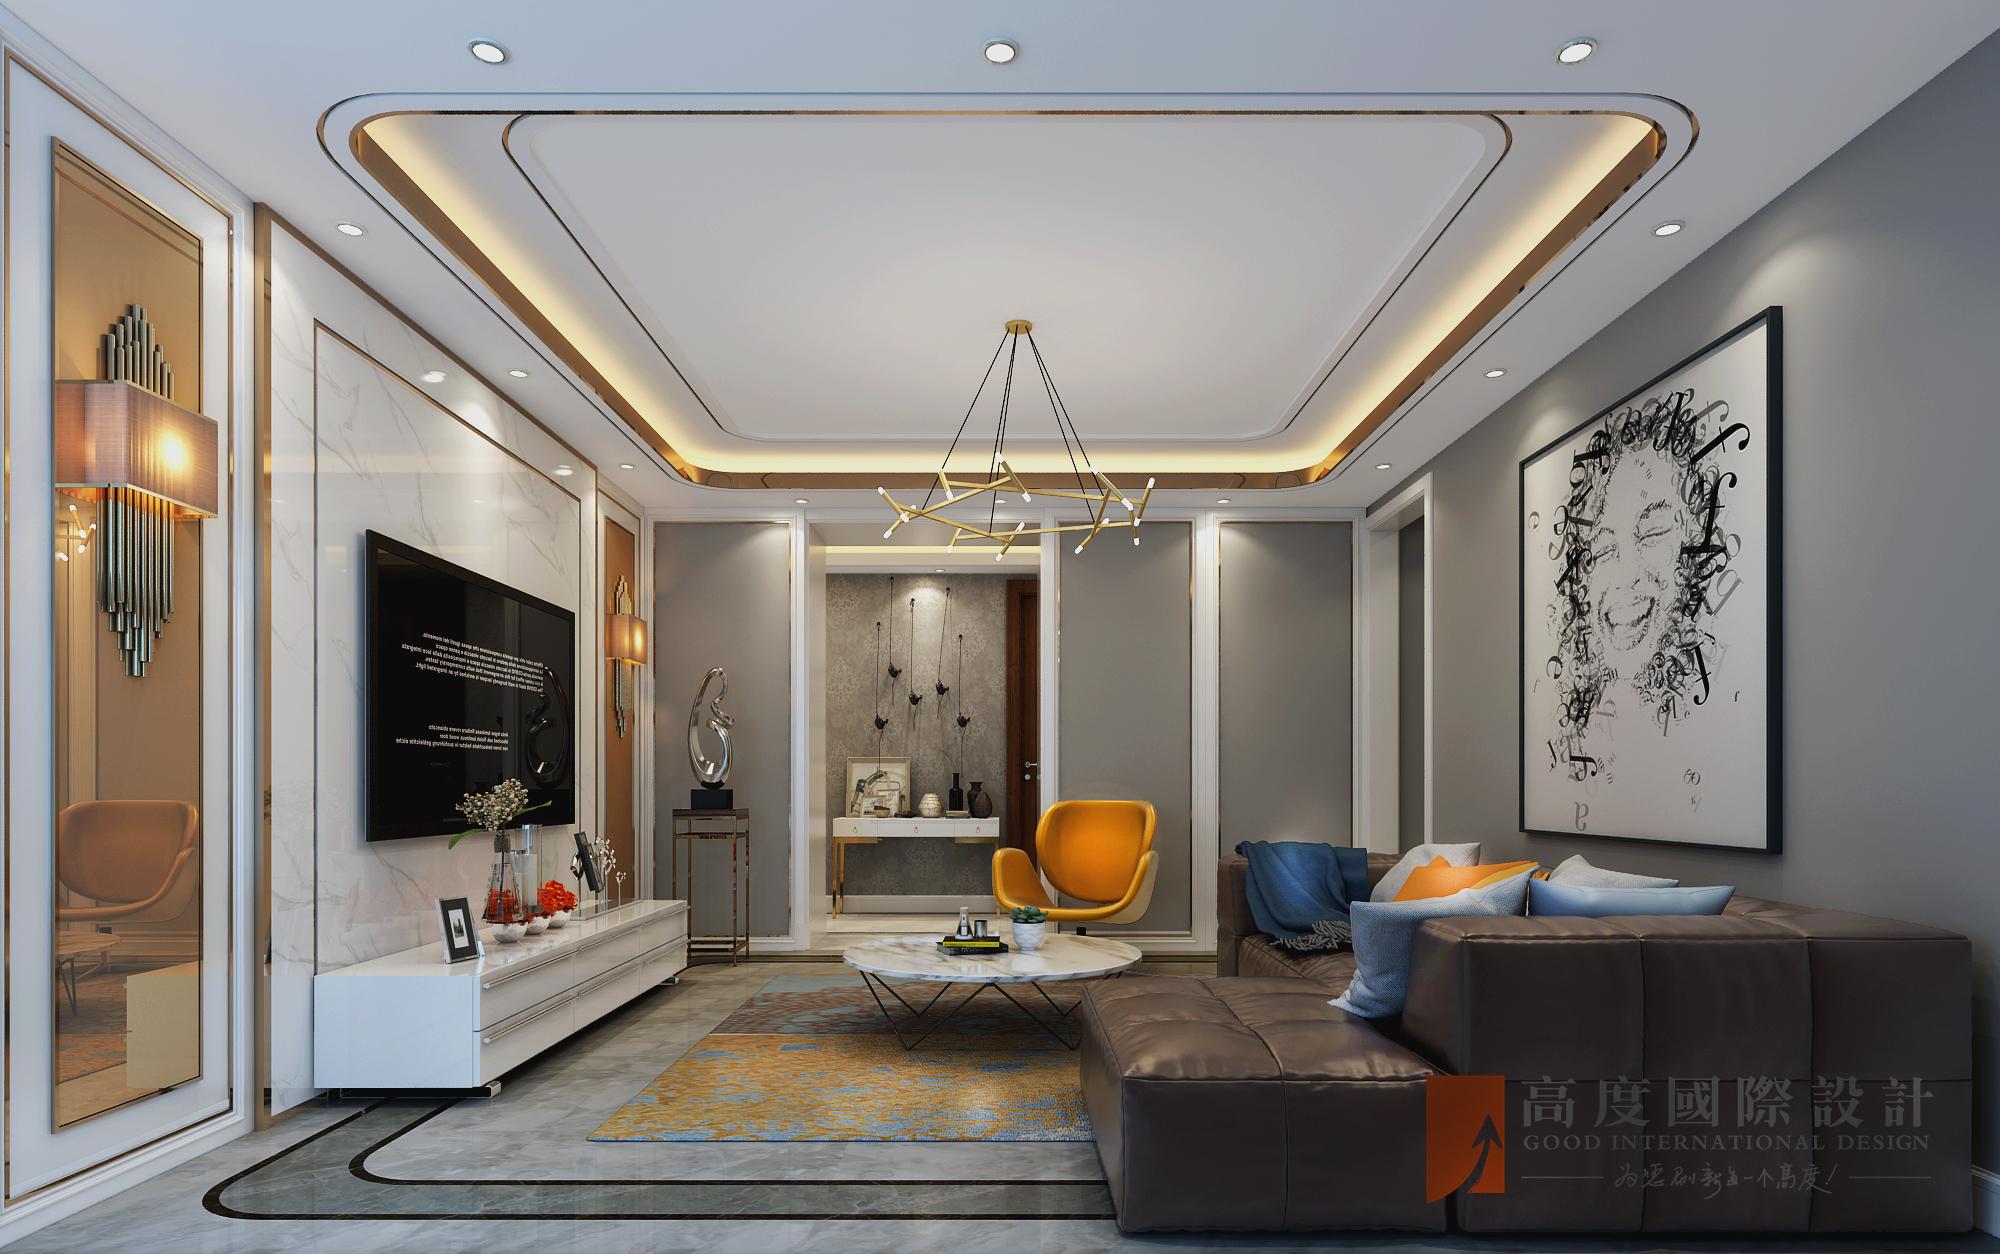 简约 三居 大户型 复式 白领 80后 小资 旧房改造 客厅图片来自高度国际姚吉智在尽显时尚气质 新奥洋房110平米的分享